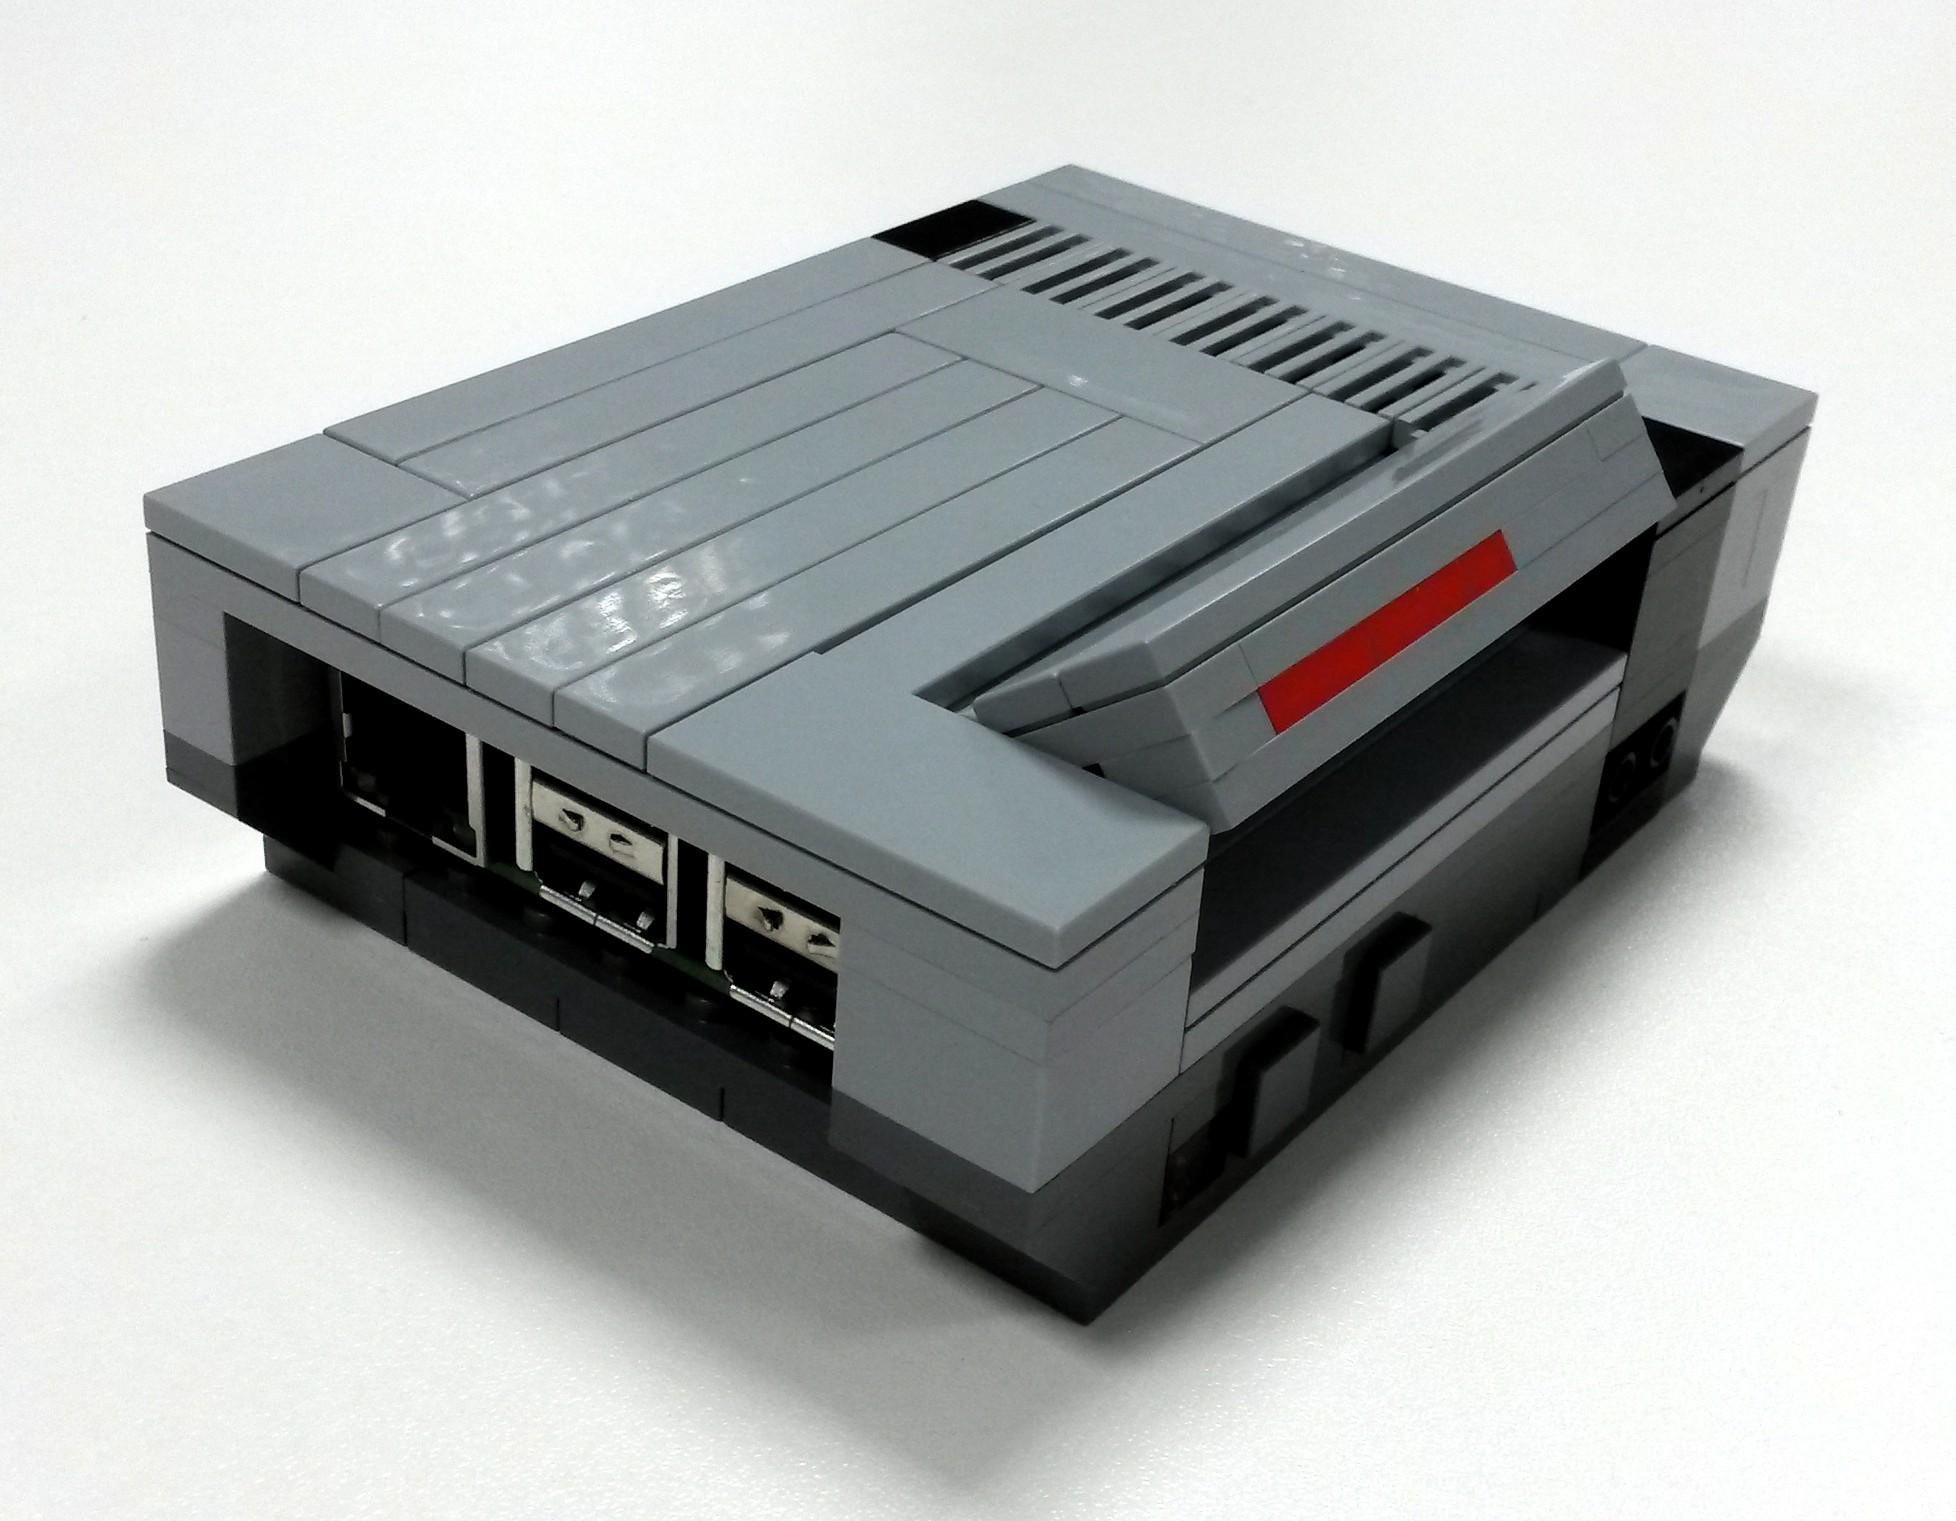 Lego Nespi Case Raspberry Pi